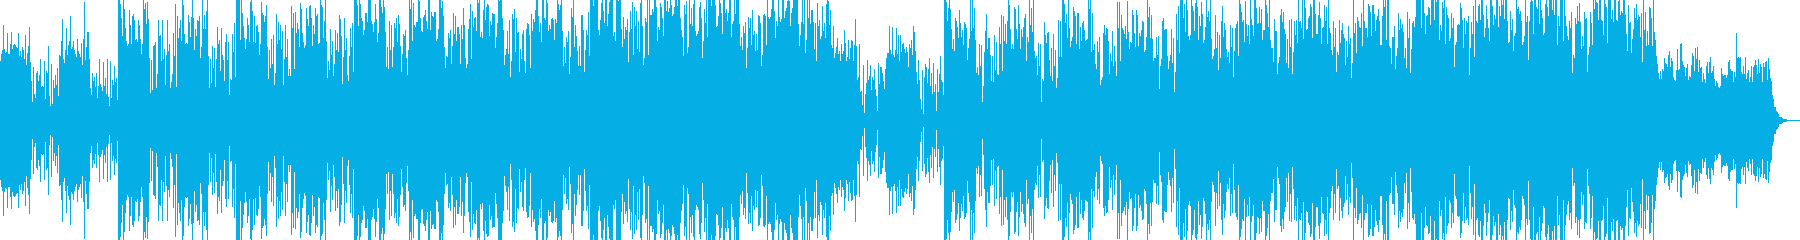 現代的でハイテンポなDnBテクノ-15の再生済みの波形